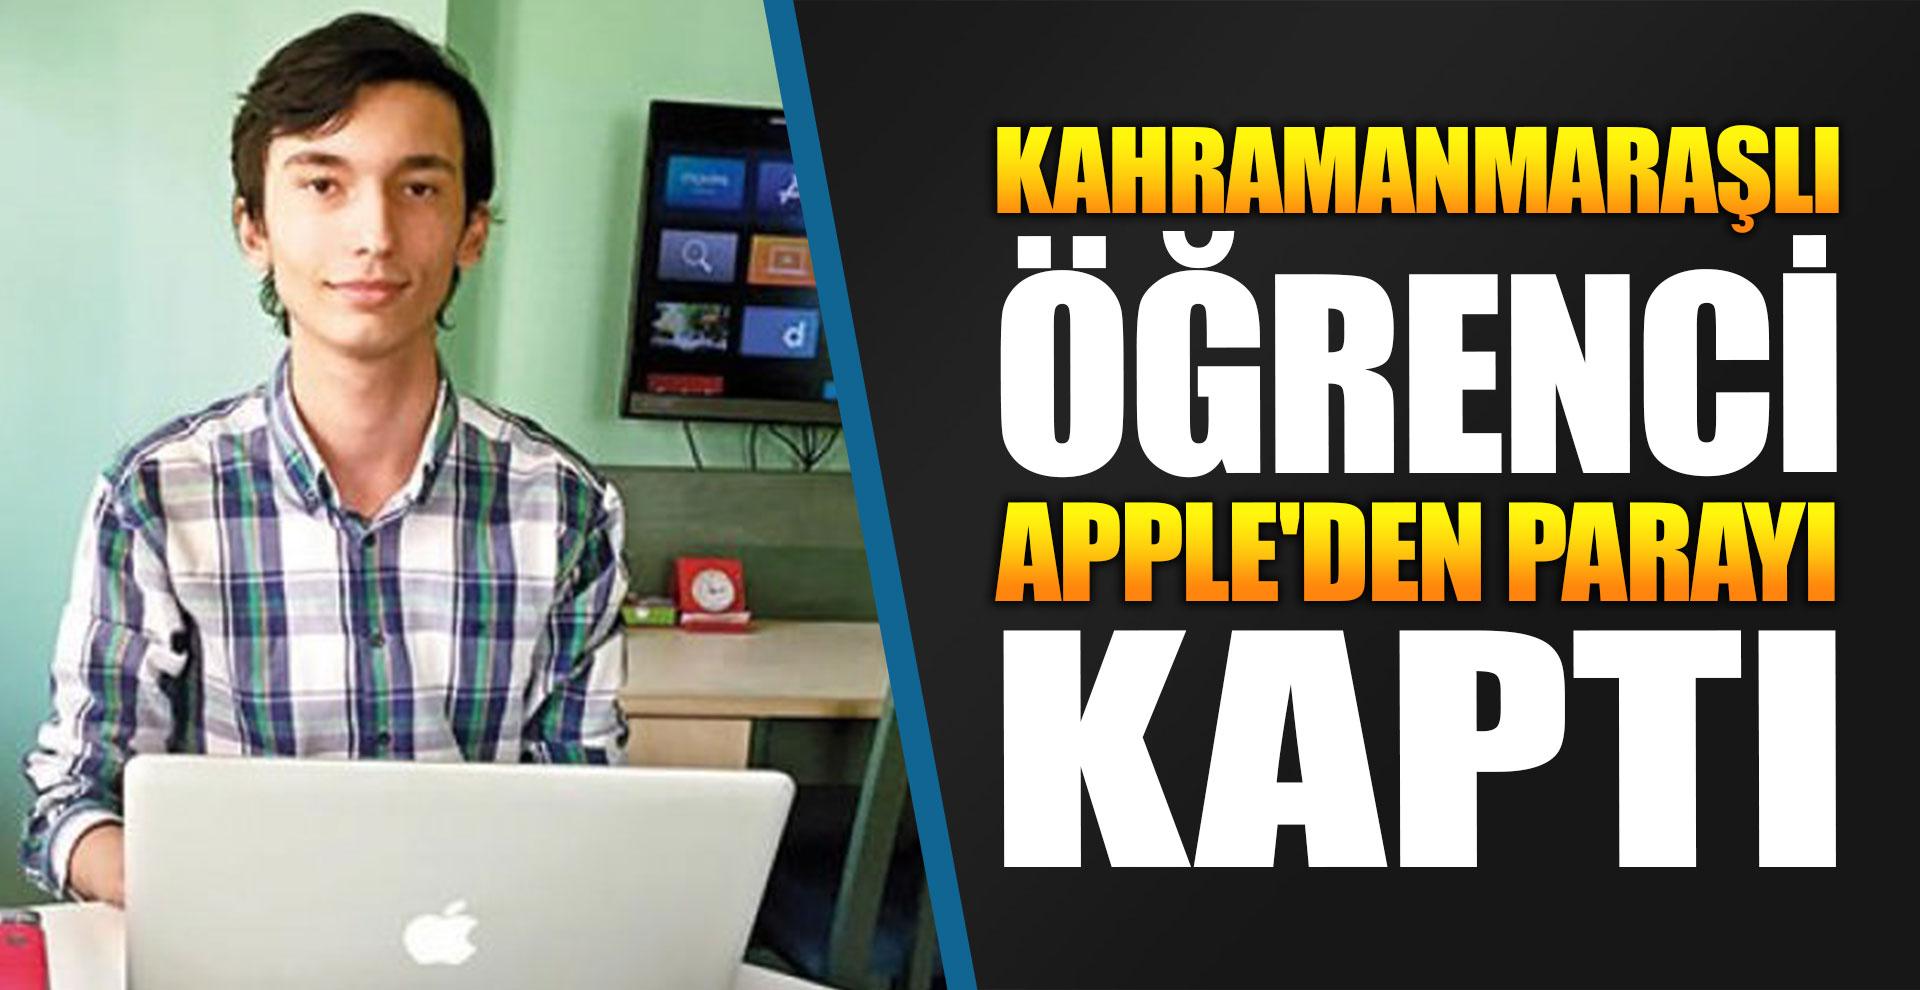 Kahramanmaraşlı öğrenci Apple'den parayı kaptı